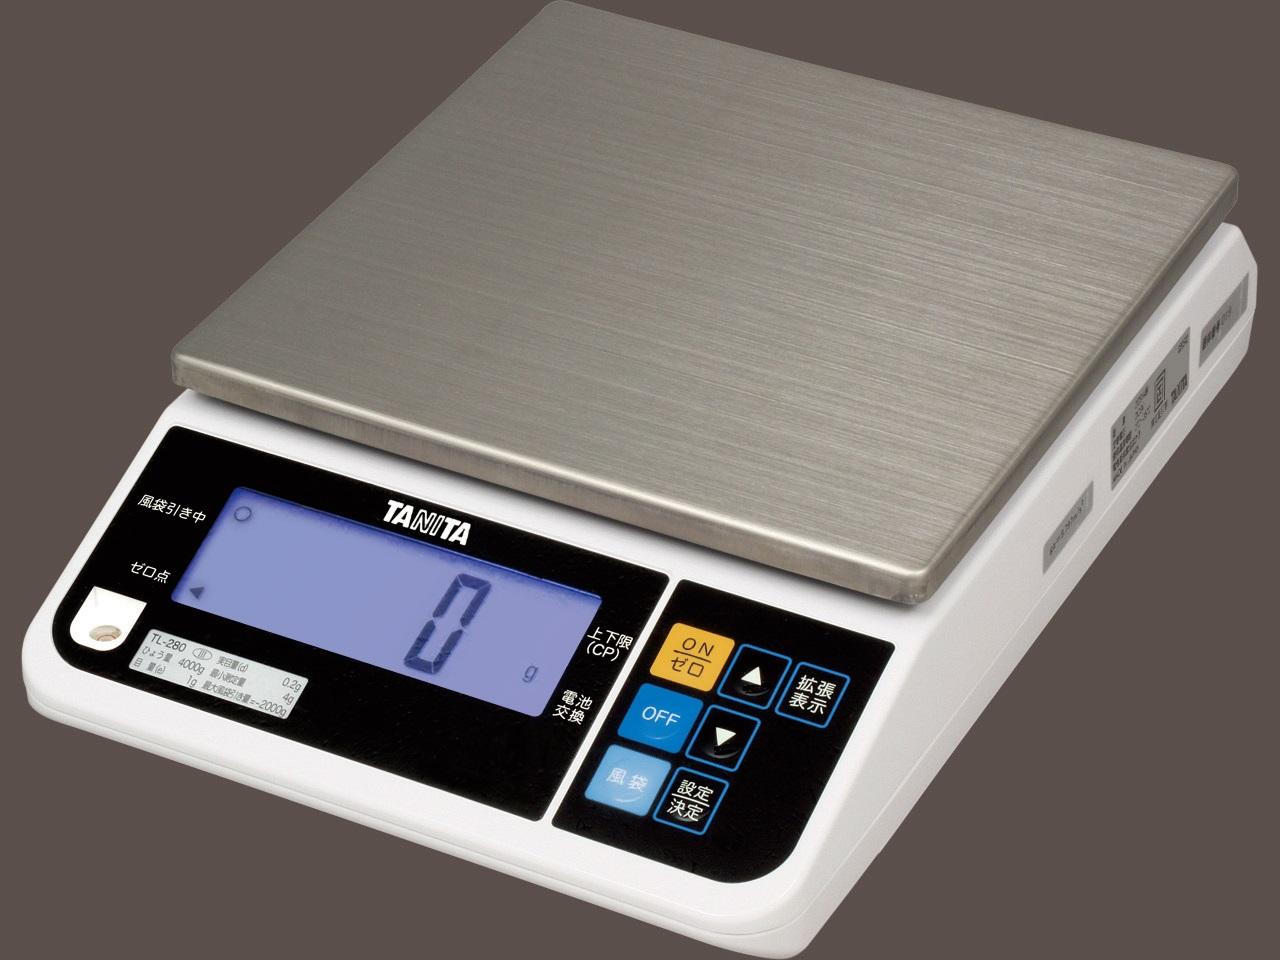 【�潟^ニタ】デジタルスケール TL-290  8000g  対面表示・取引証明用